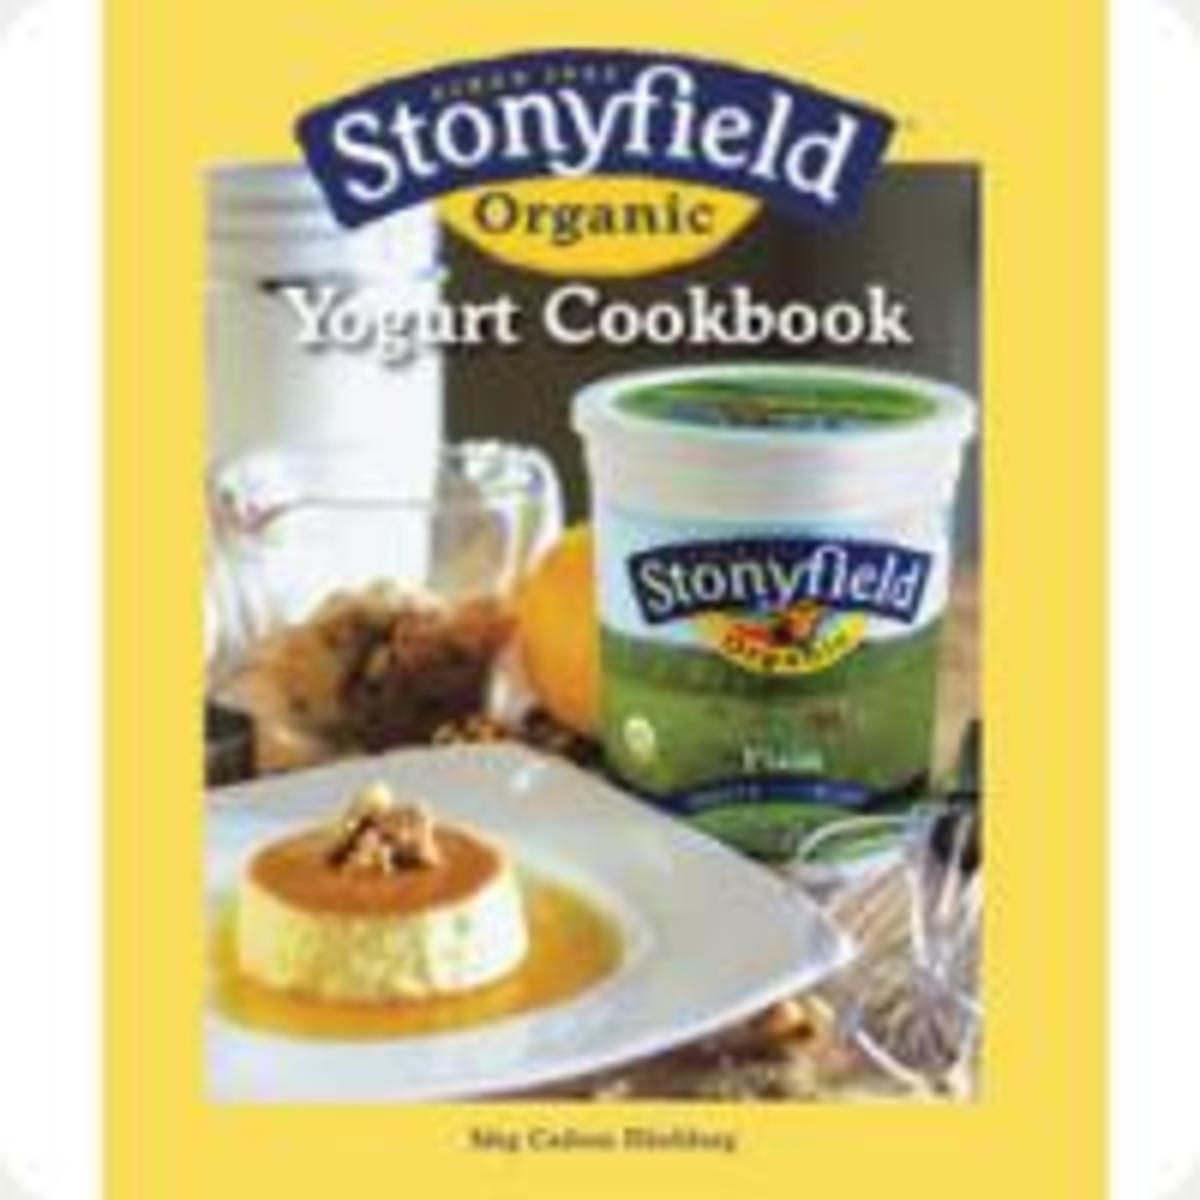 sf-cookbook-1